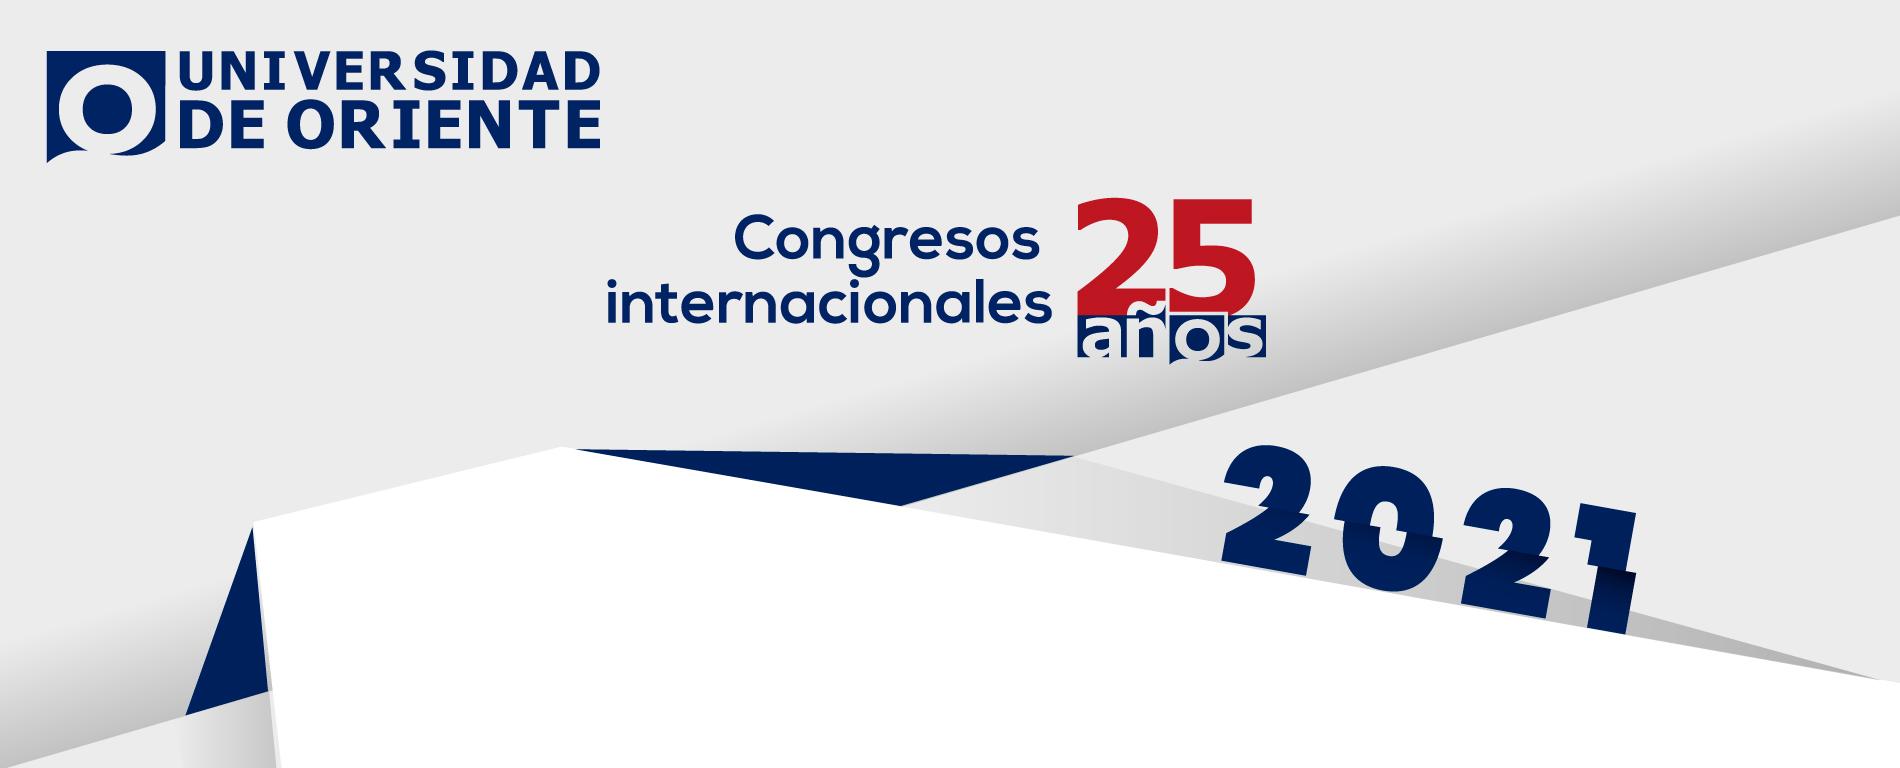 GDI Congresos Internacionales